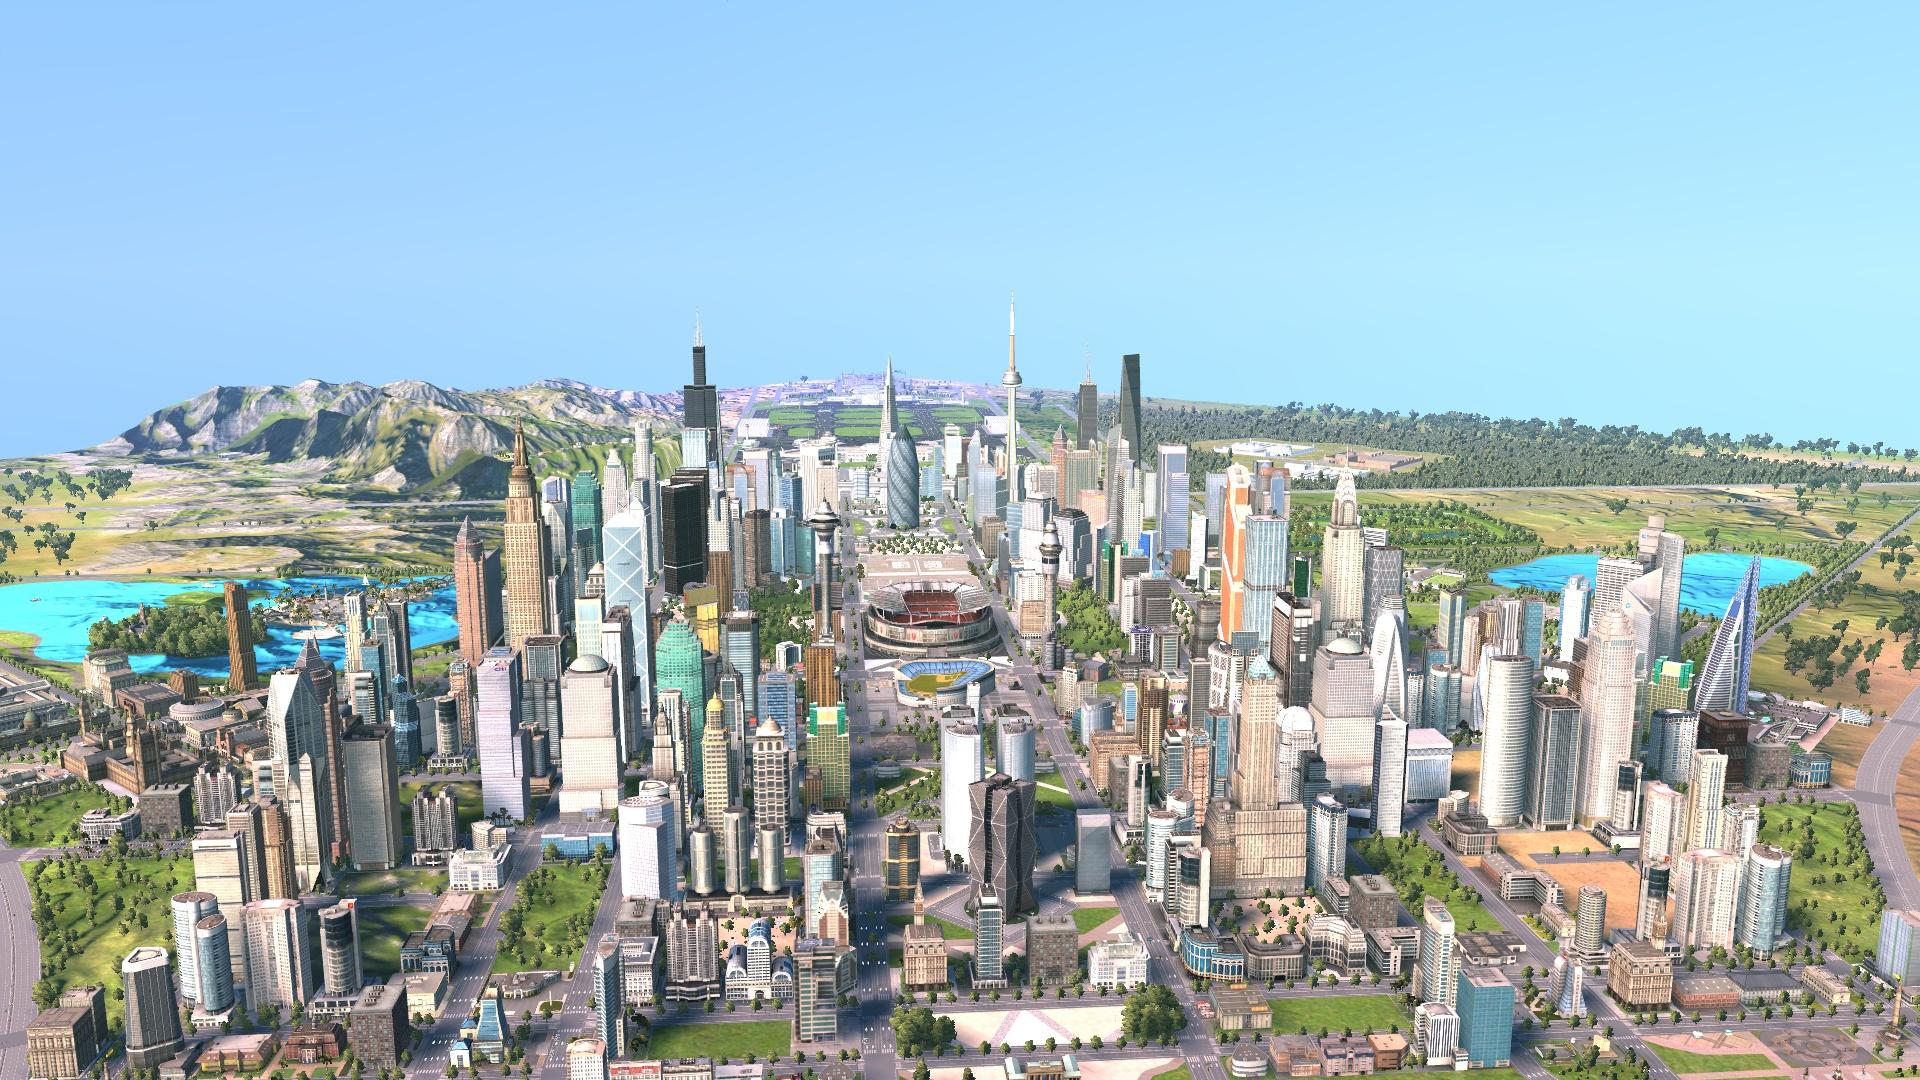 cxl_screenshot_futureville_3.jpg